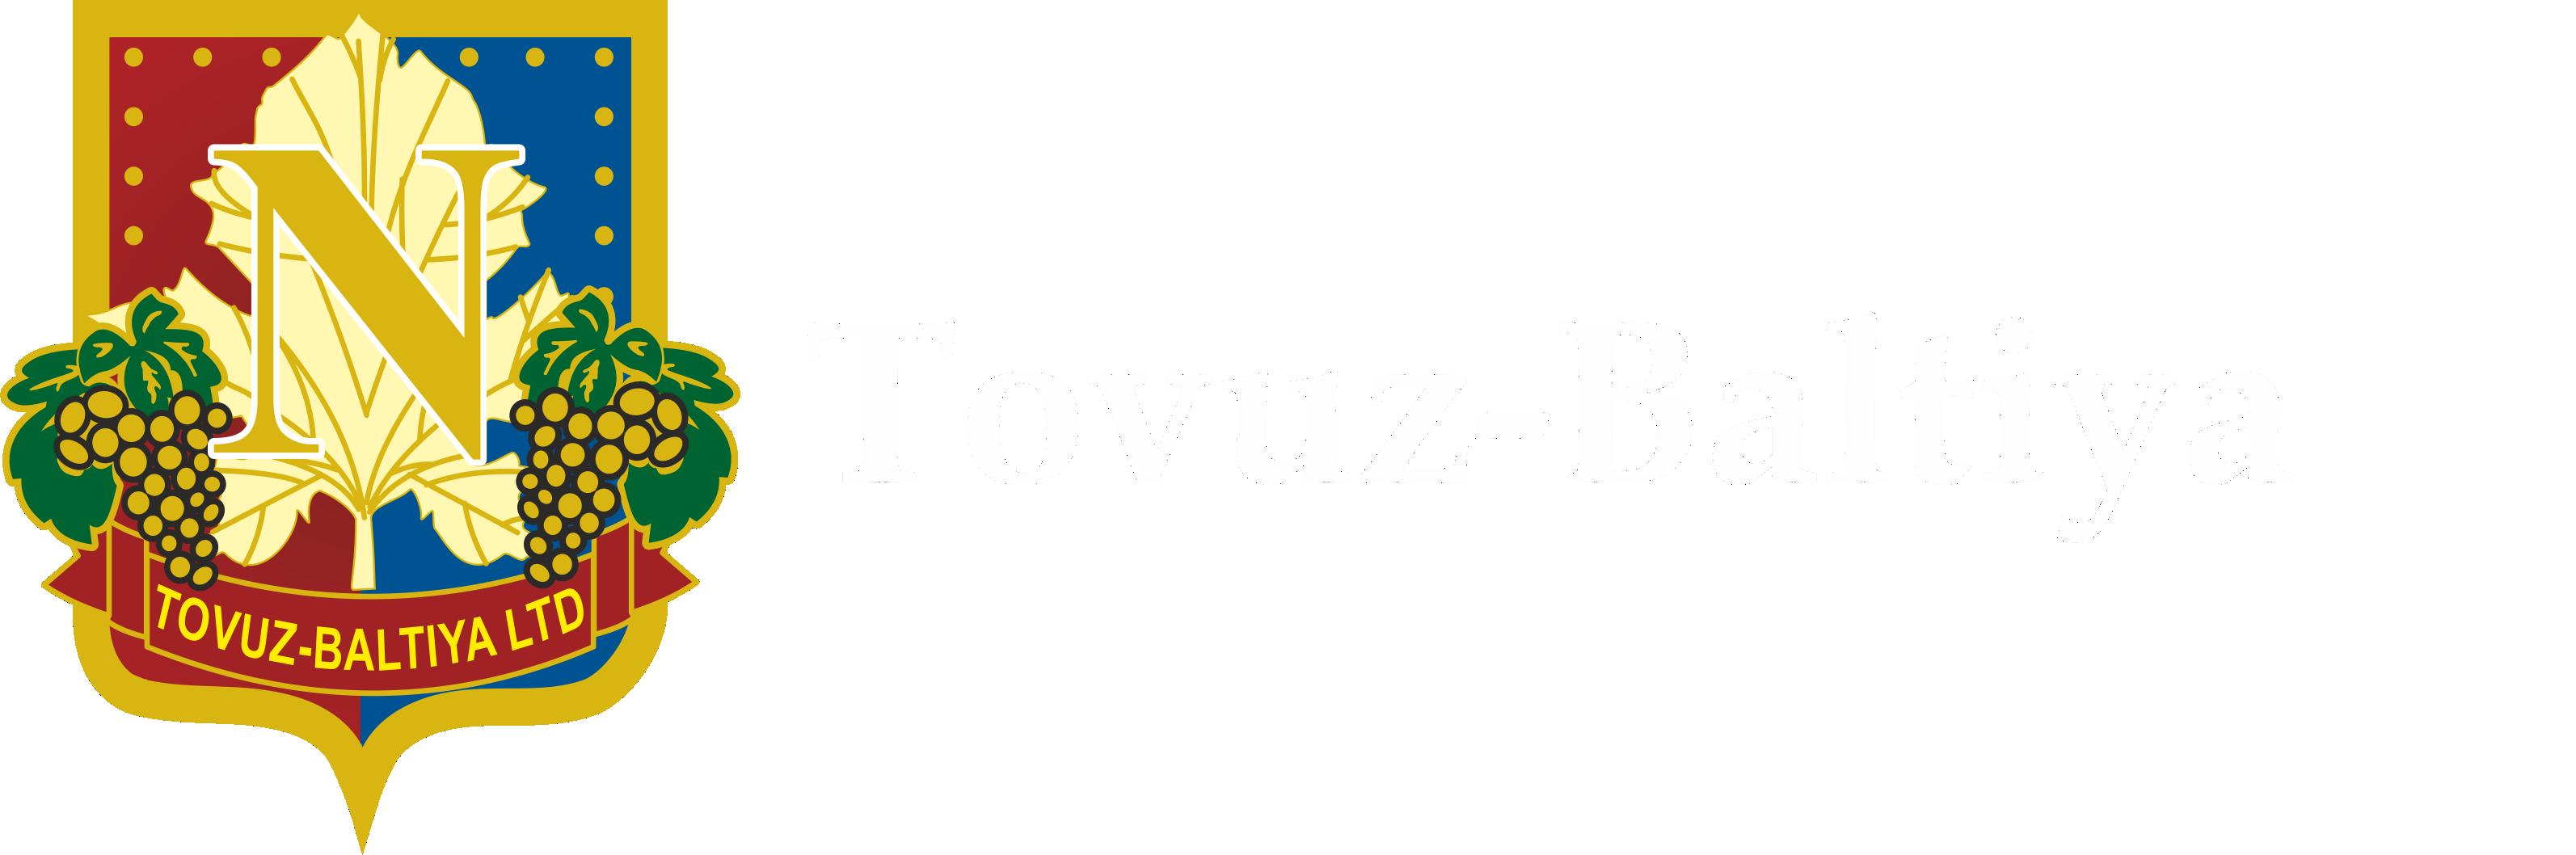 LOGO-TB-13